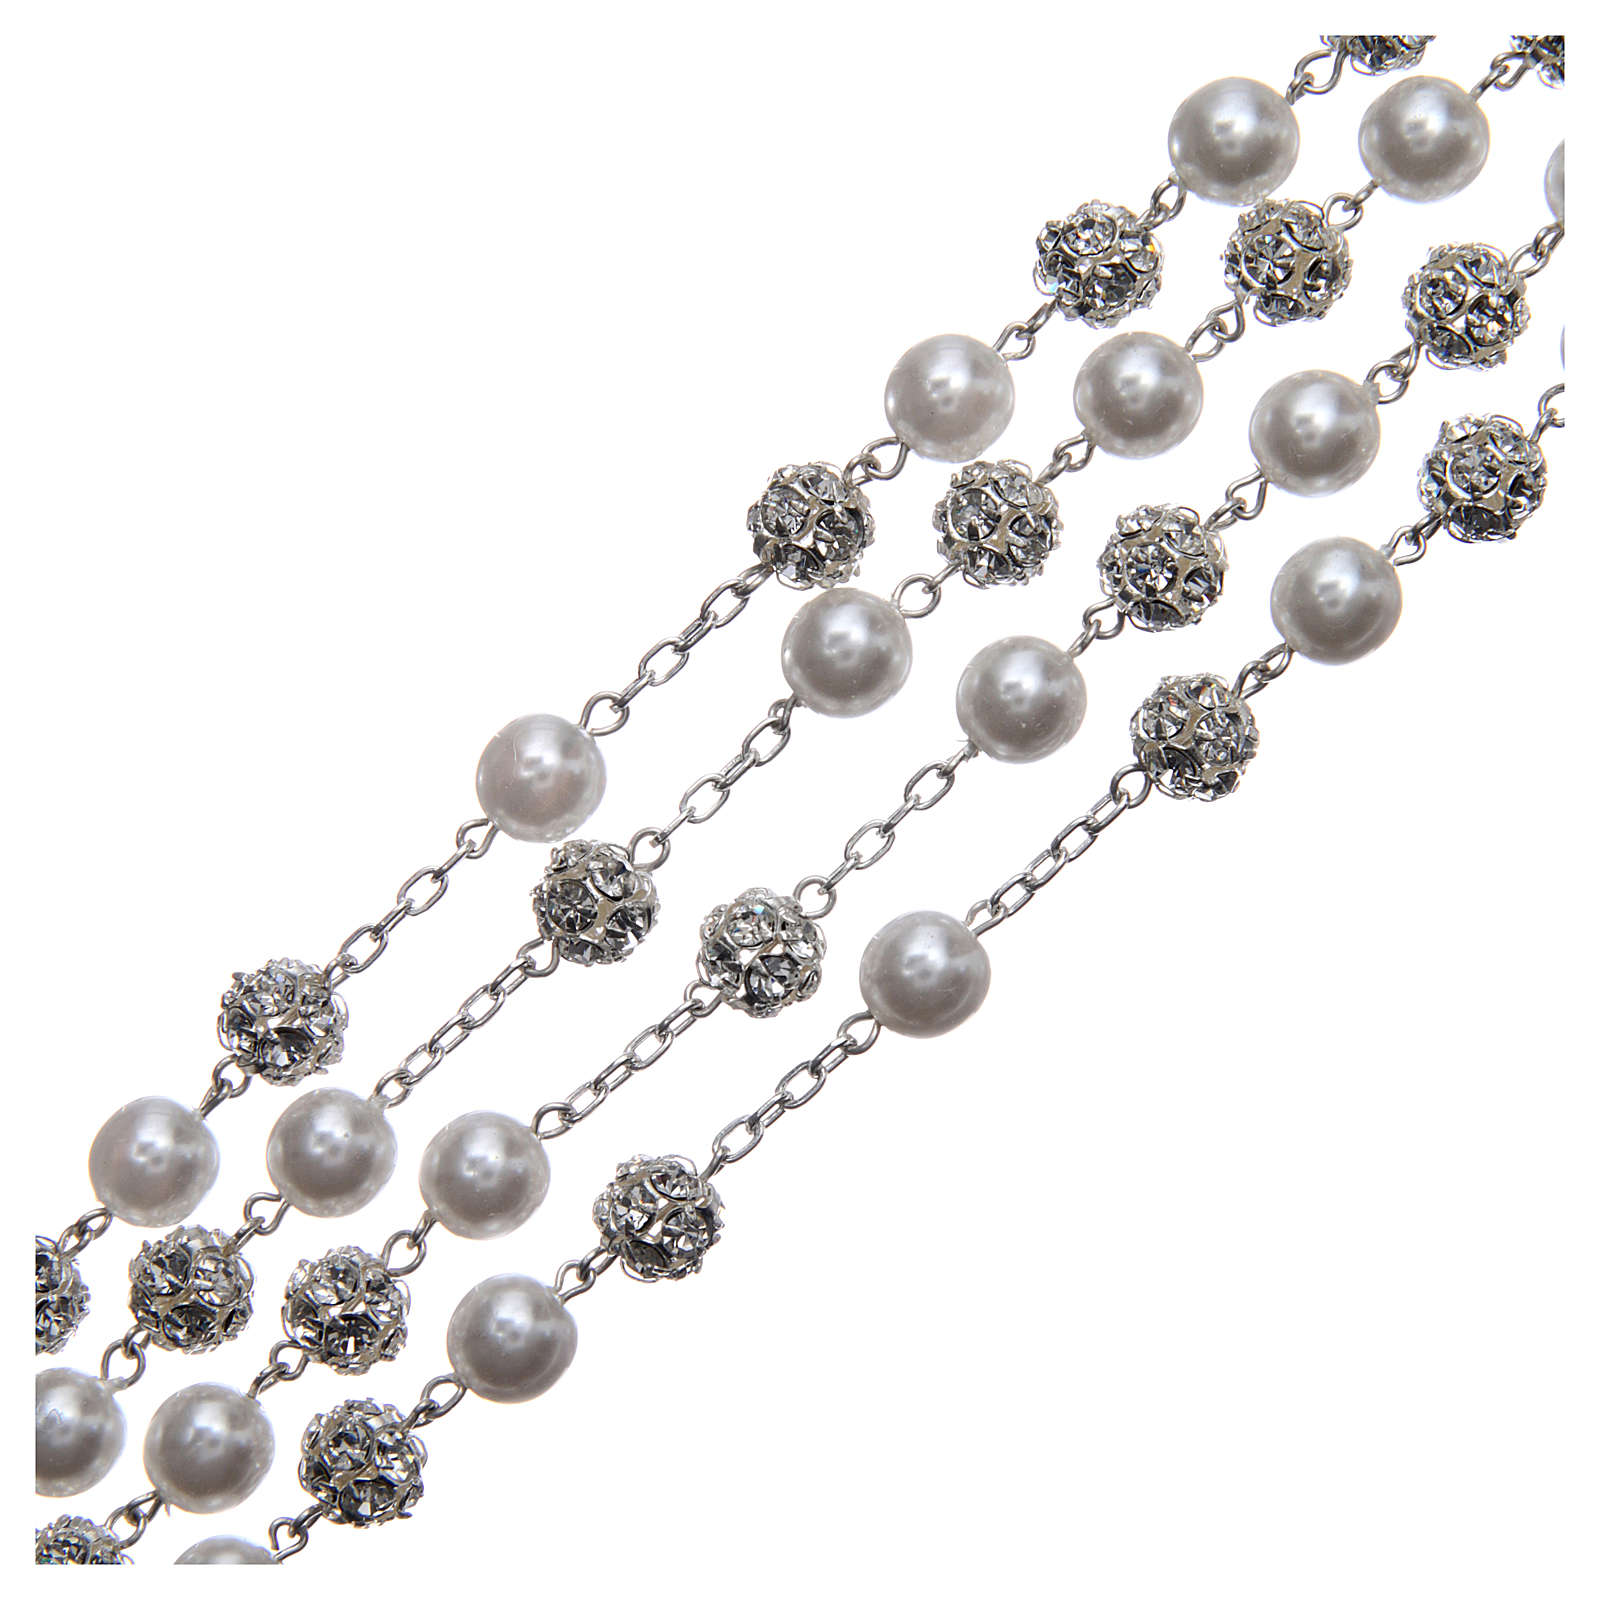 Rosario messicano del matrimonio argento 925 palline perla e strassball 8 mm 4